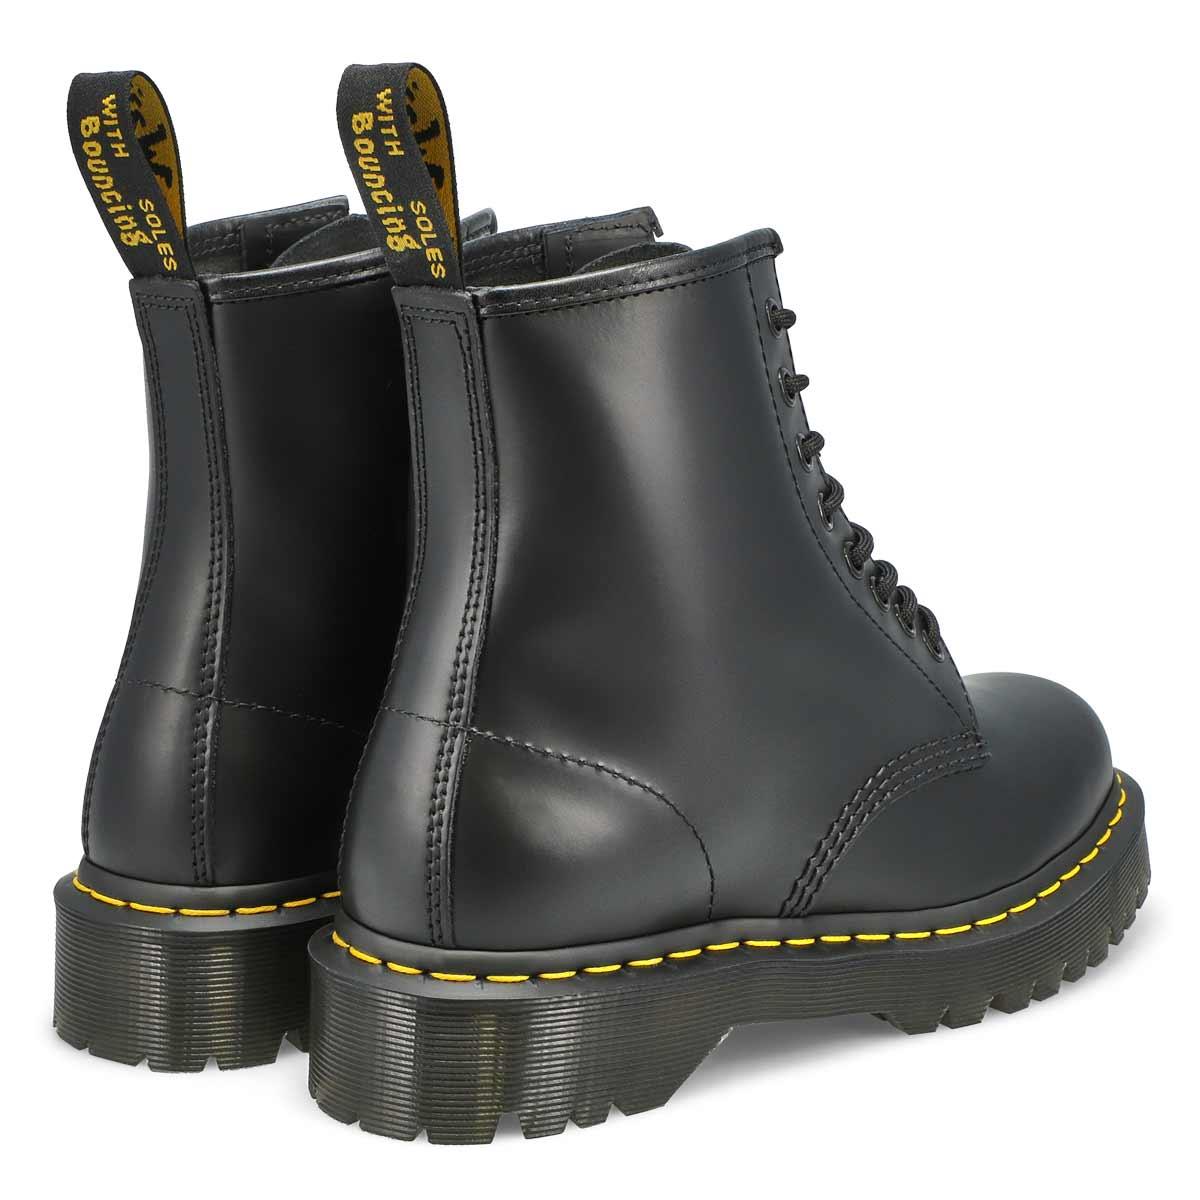 Bottes 8œillets 1460 BEX, cuir, noir, femmes